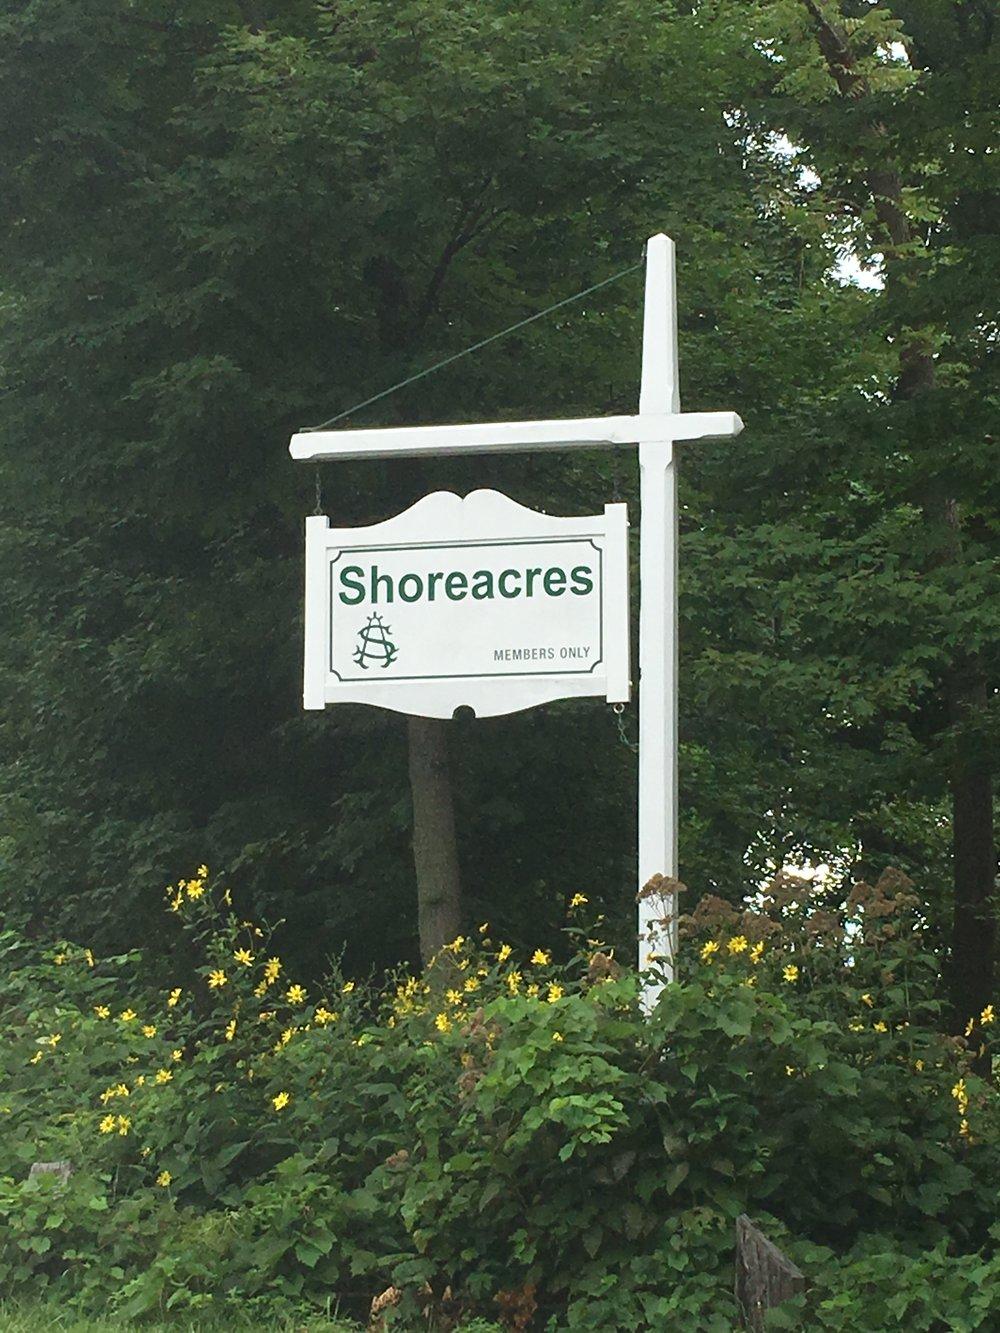 Shoreacres understated entrance.